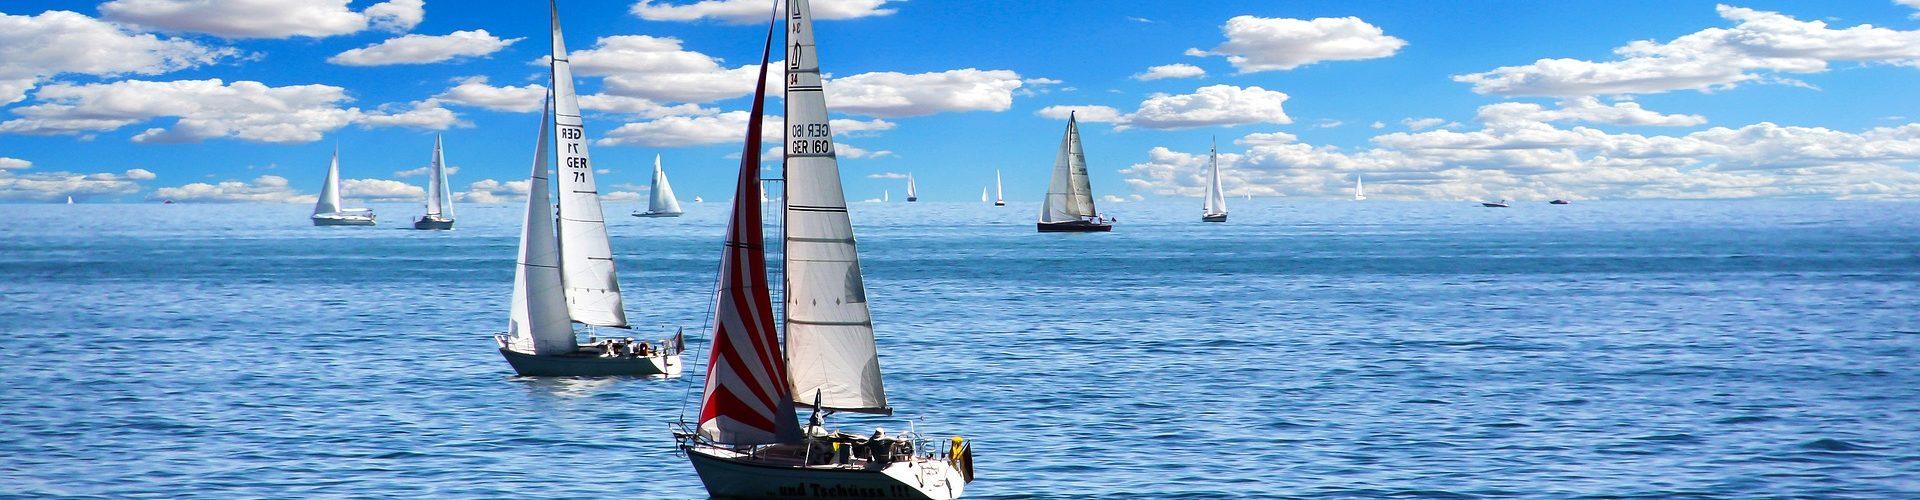 segeln lernen in Schwäbisch Gmünd segelschein machen in Schwäbisch Gmünd 1920x500 - Segeln lernen in Schwäbisch Gmünd